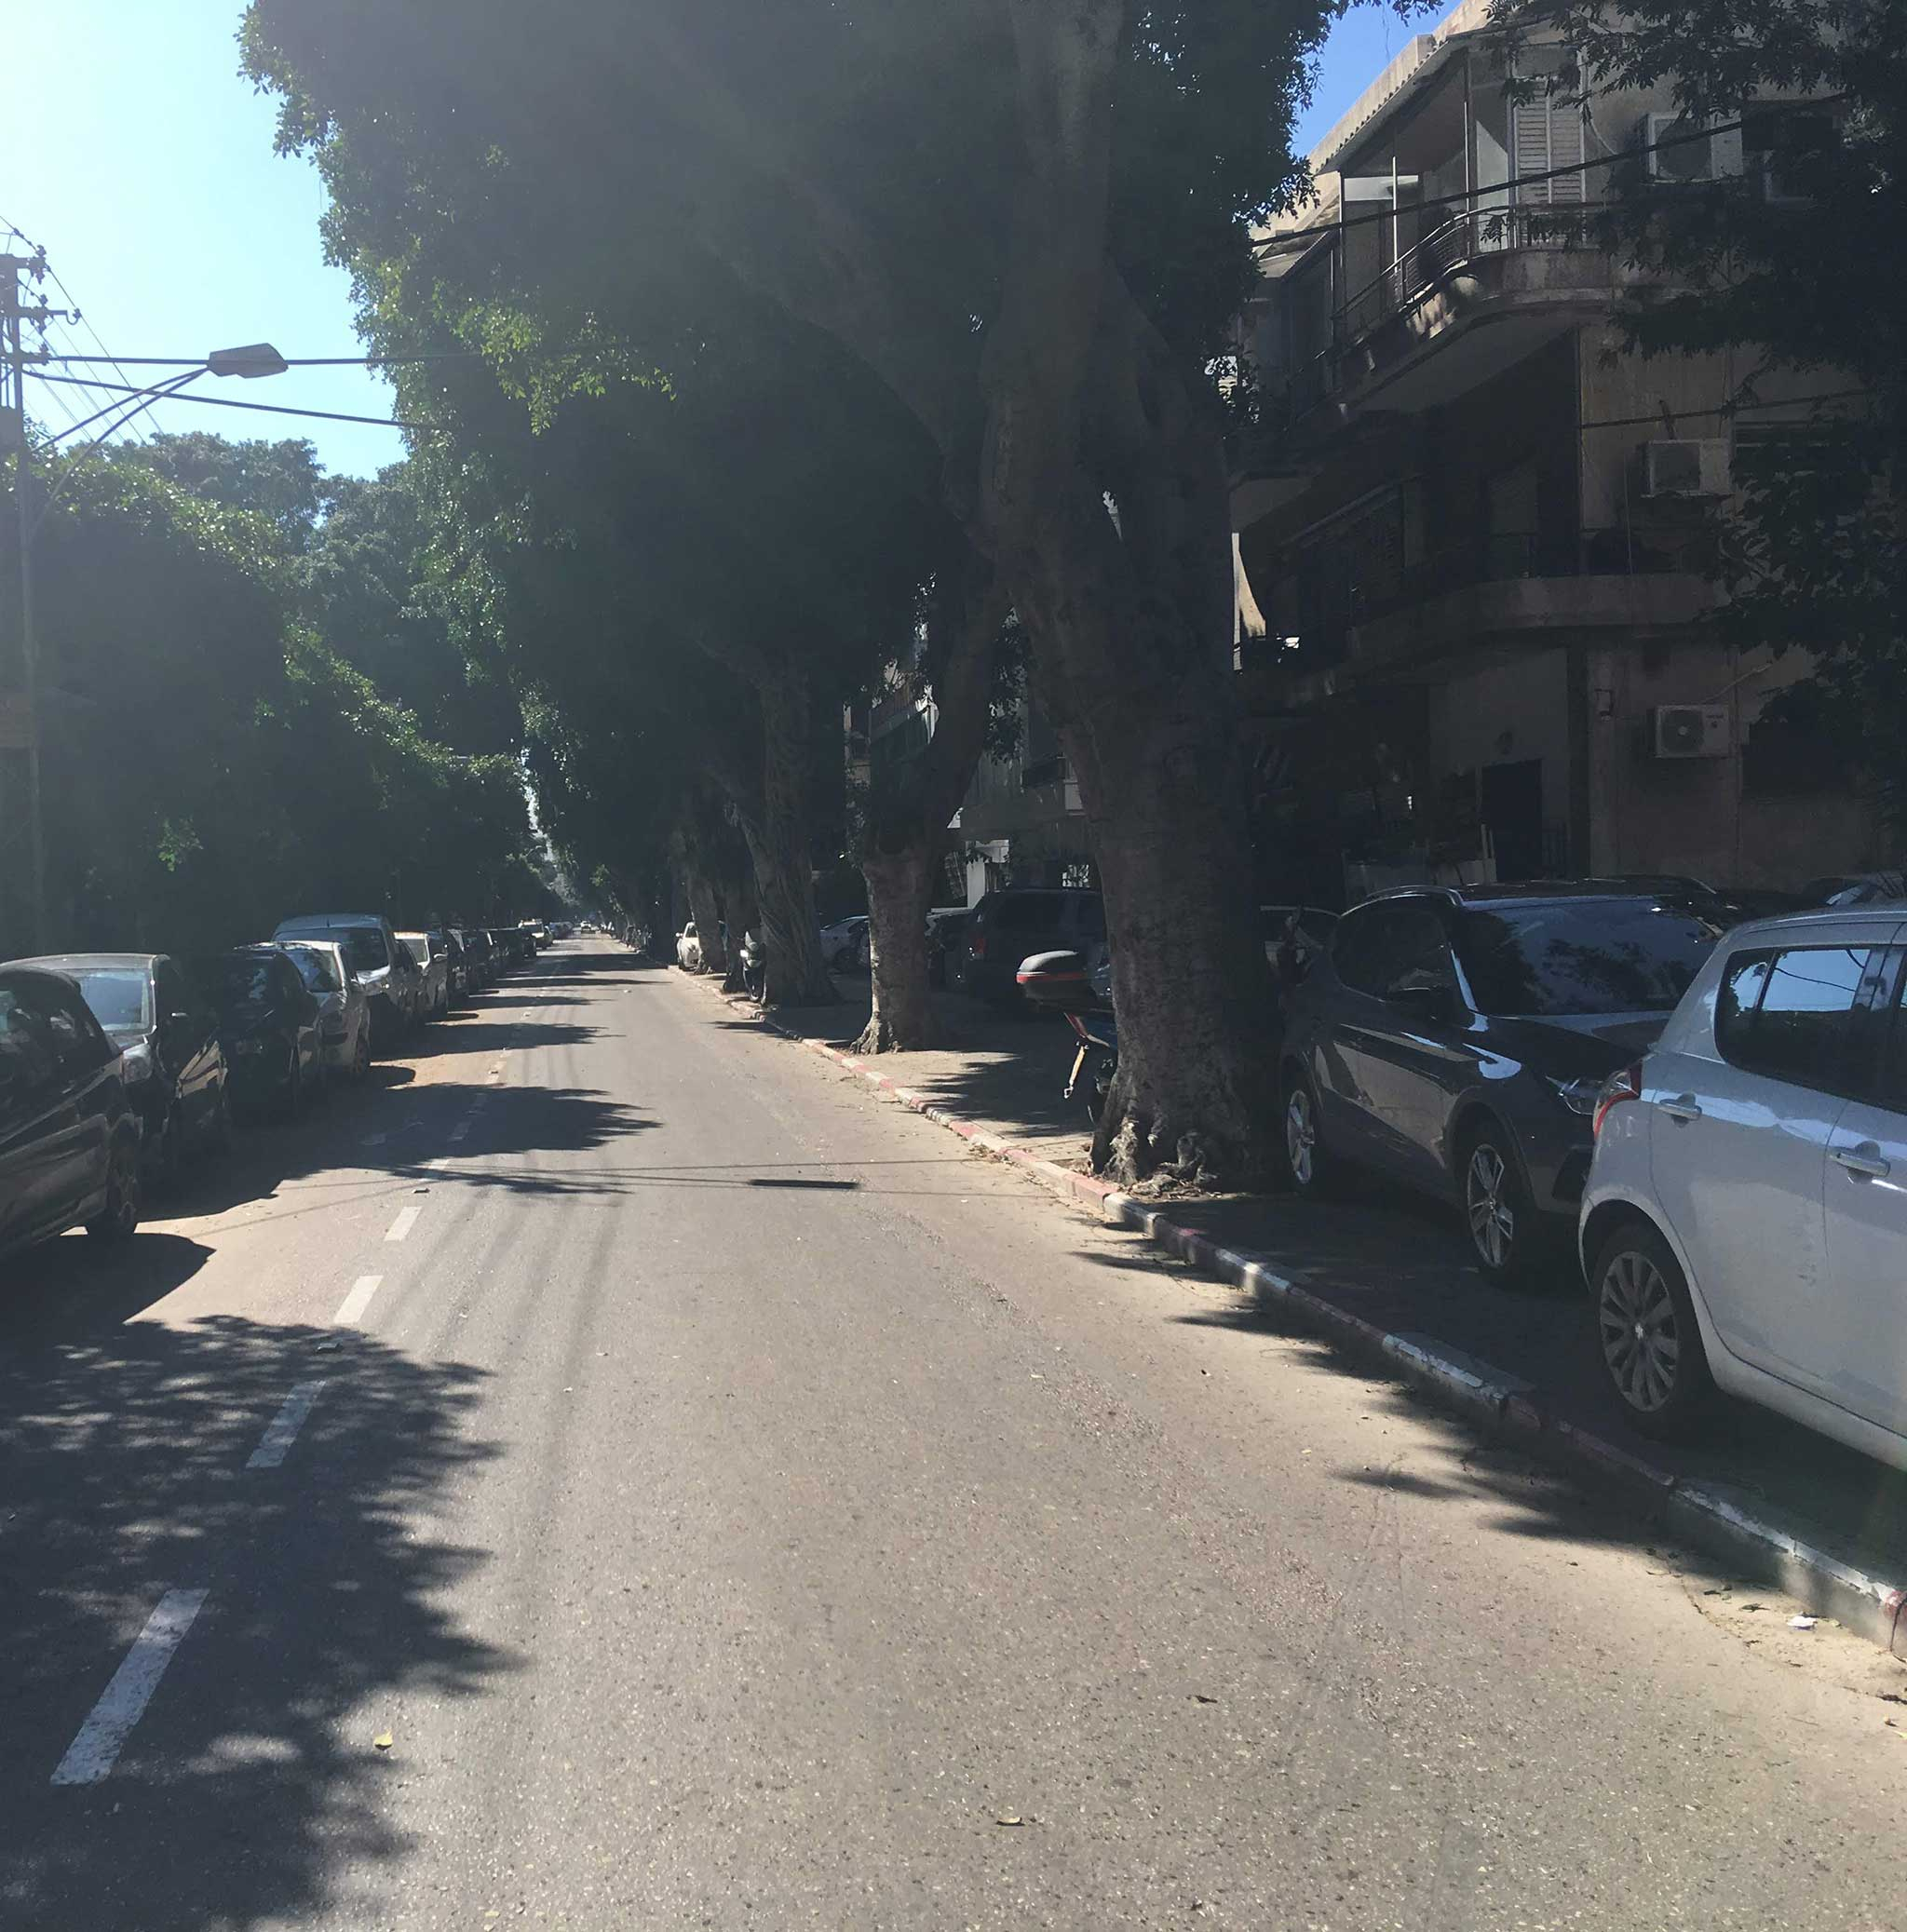 To Reines Street on Tel Aviv audio tour The White City